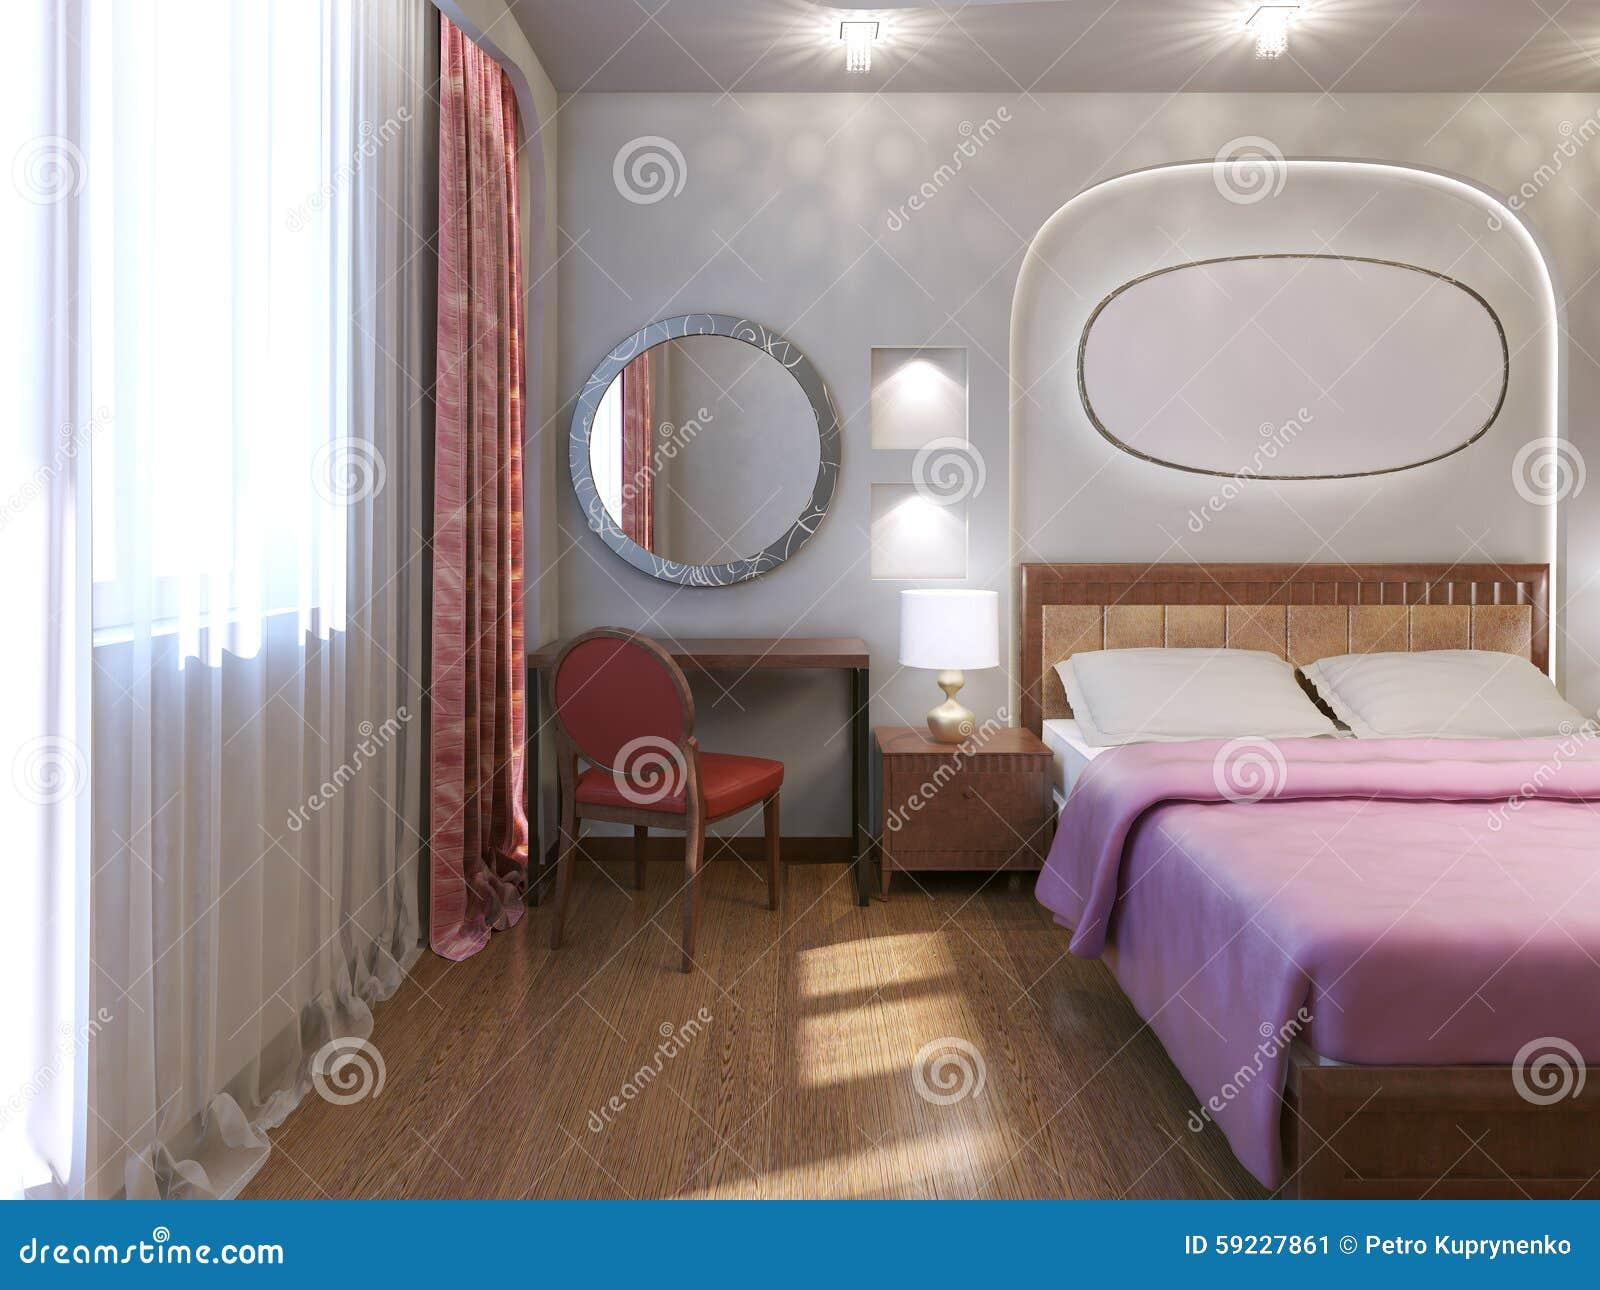 Diseño del dormitorio del hotel del art nouveau